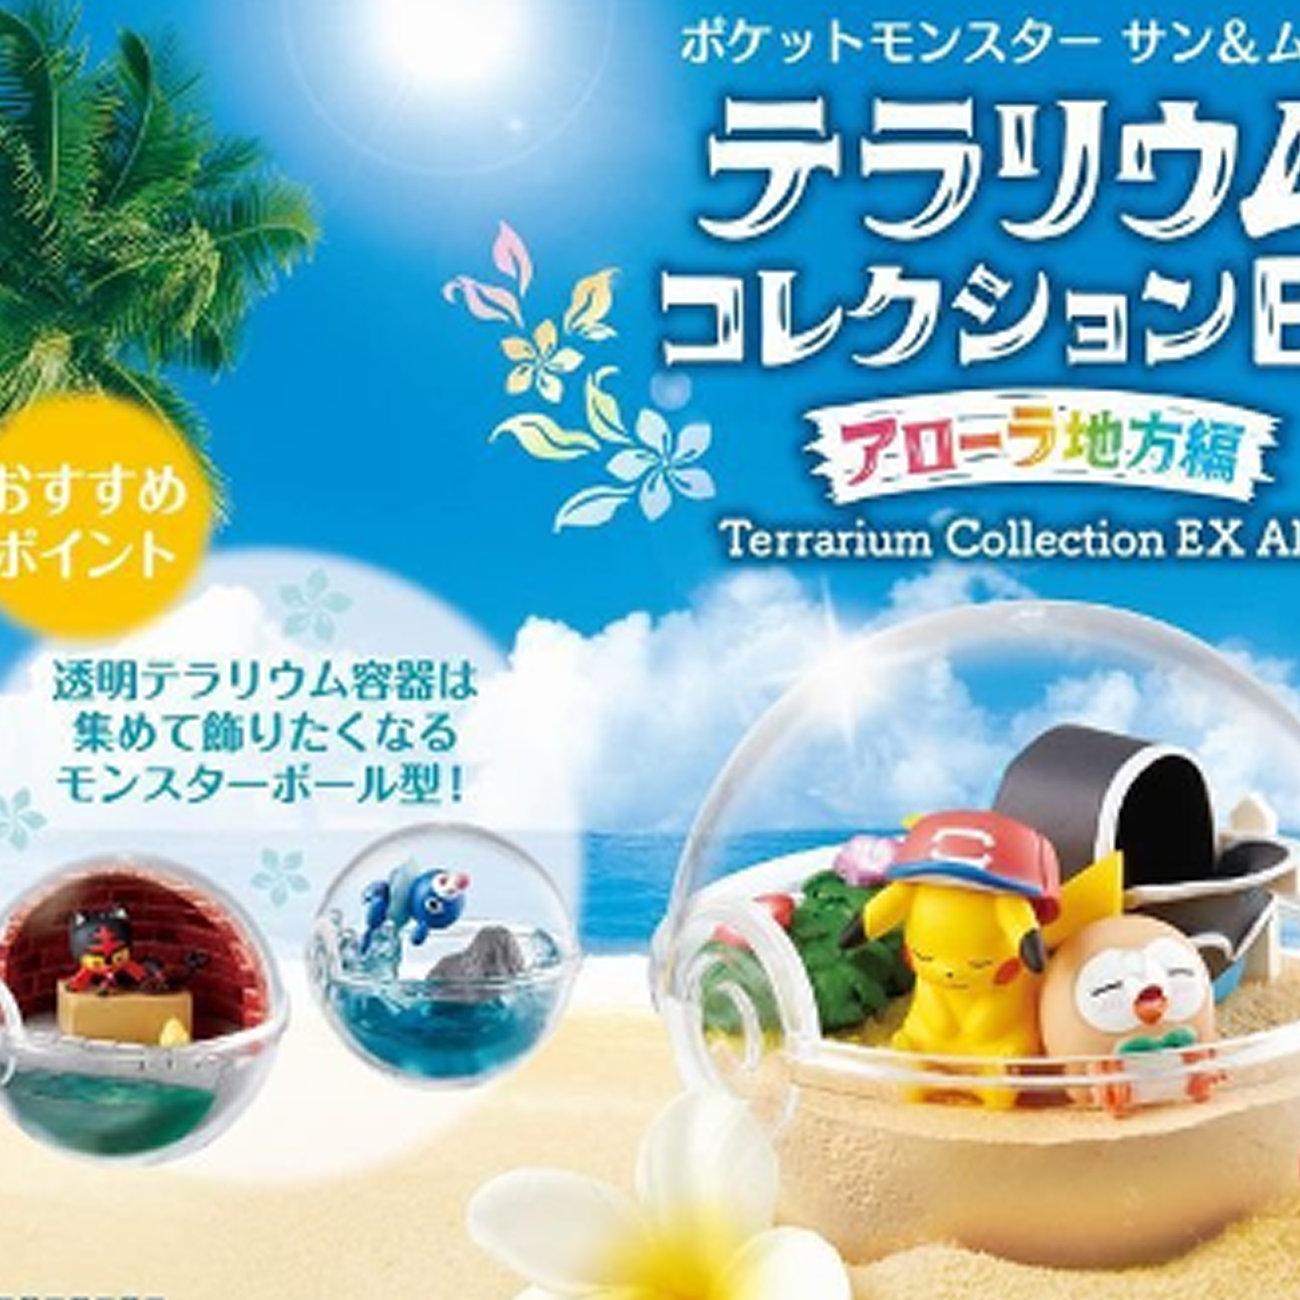 ポケットモンスター サン&ムーン テラリウムコレクションEX アローラ